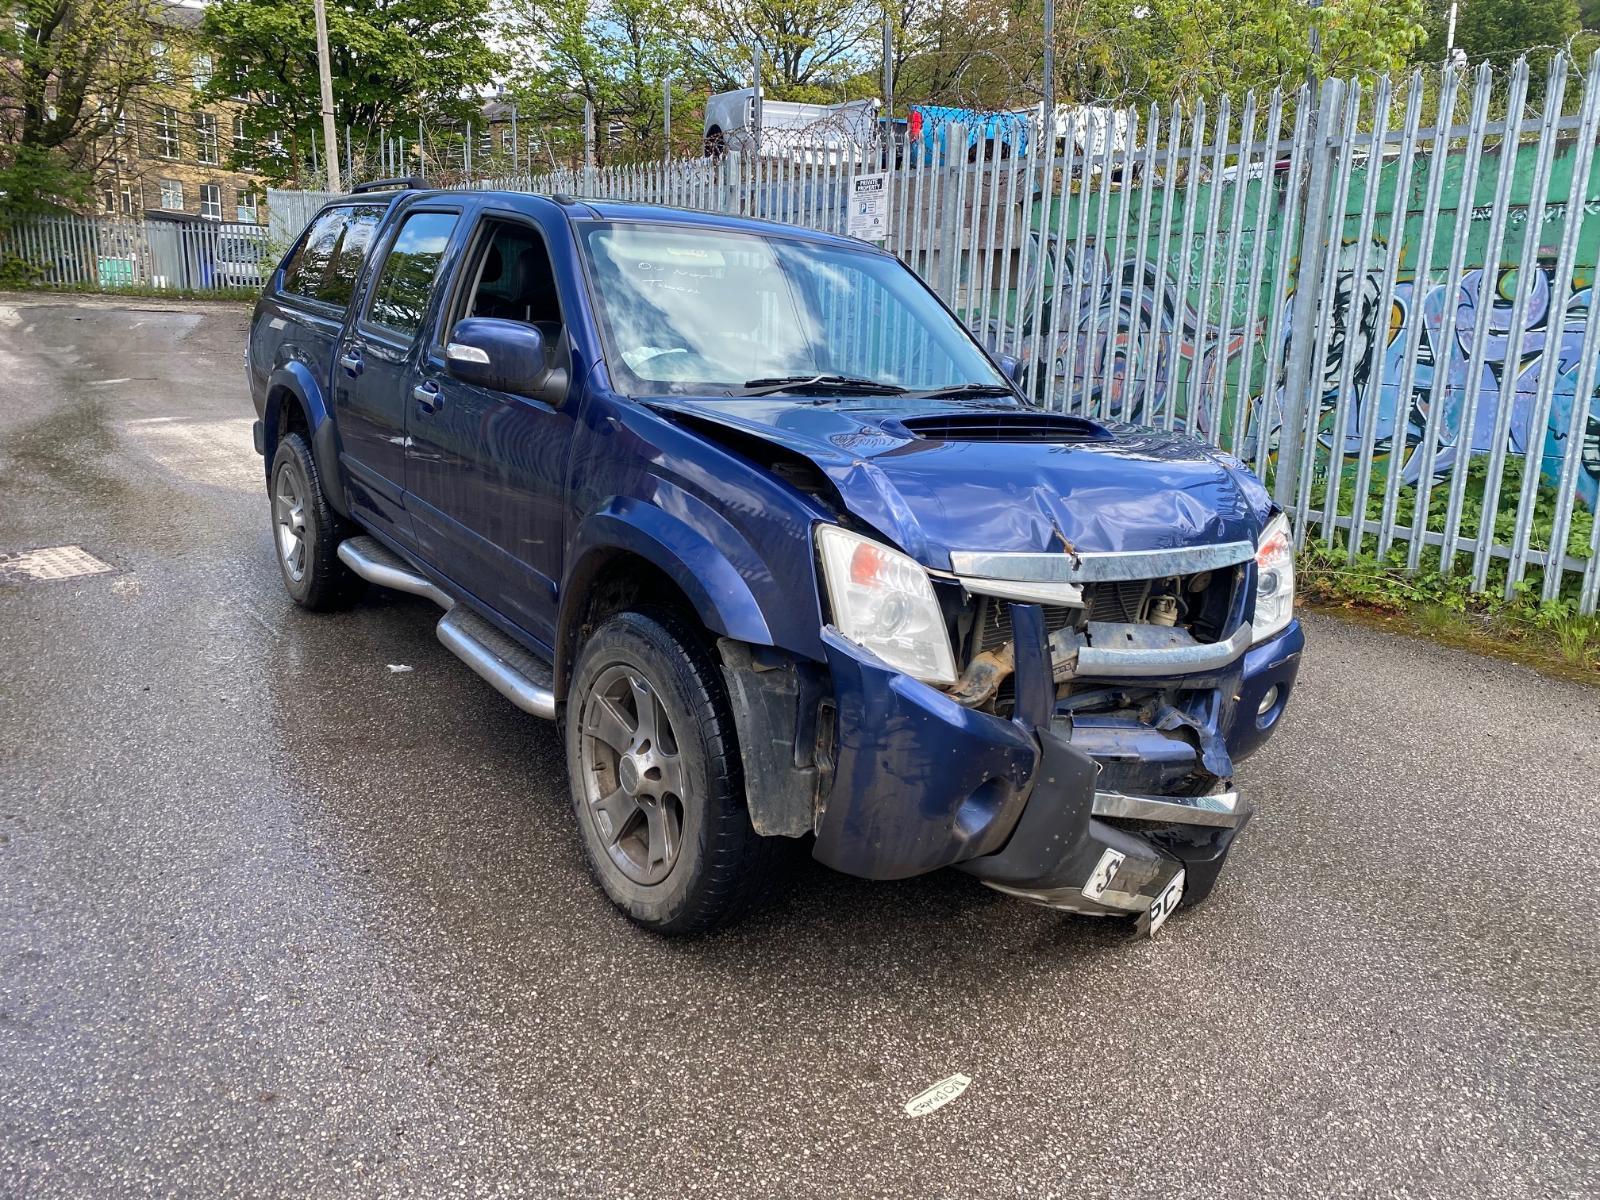 Image for a ISUZU RODEO 2008 4 Door Pickup